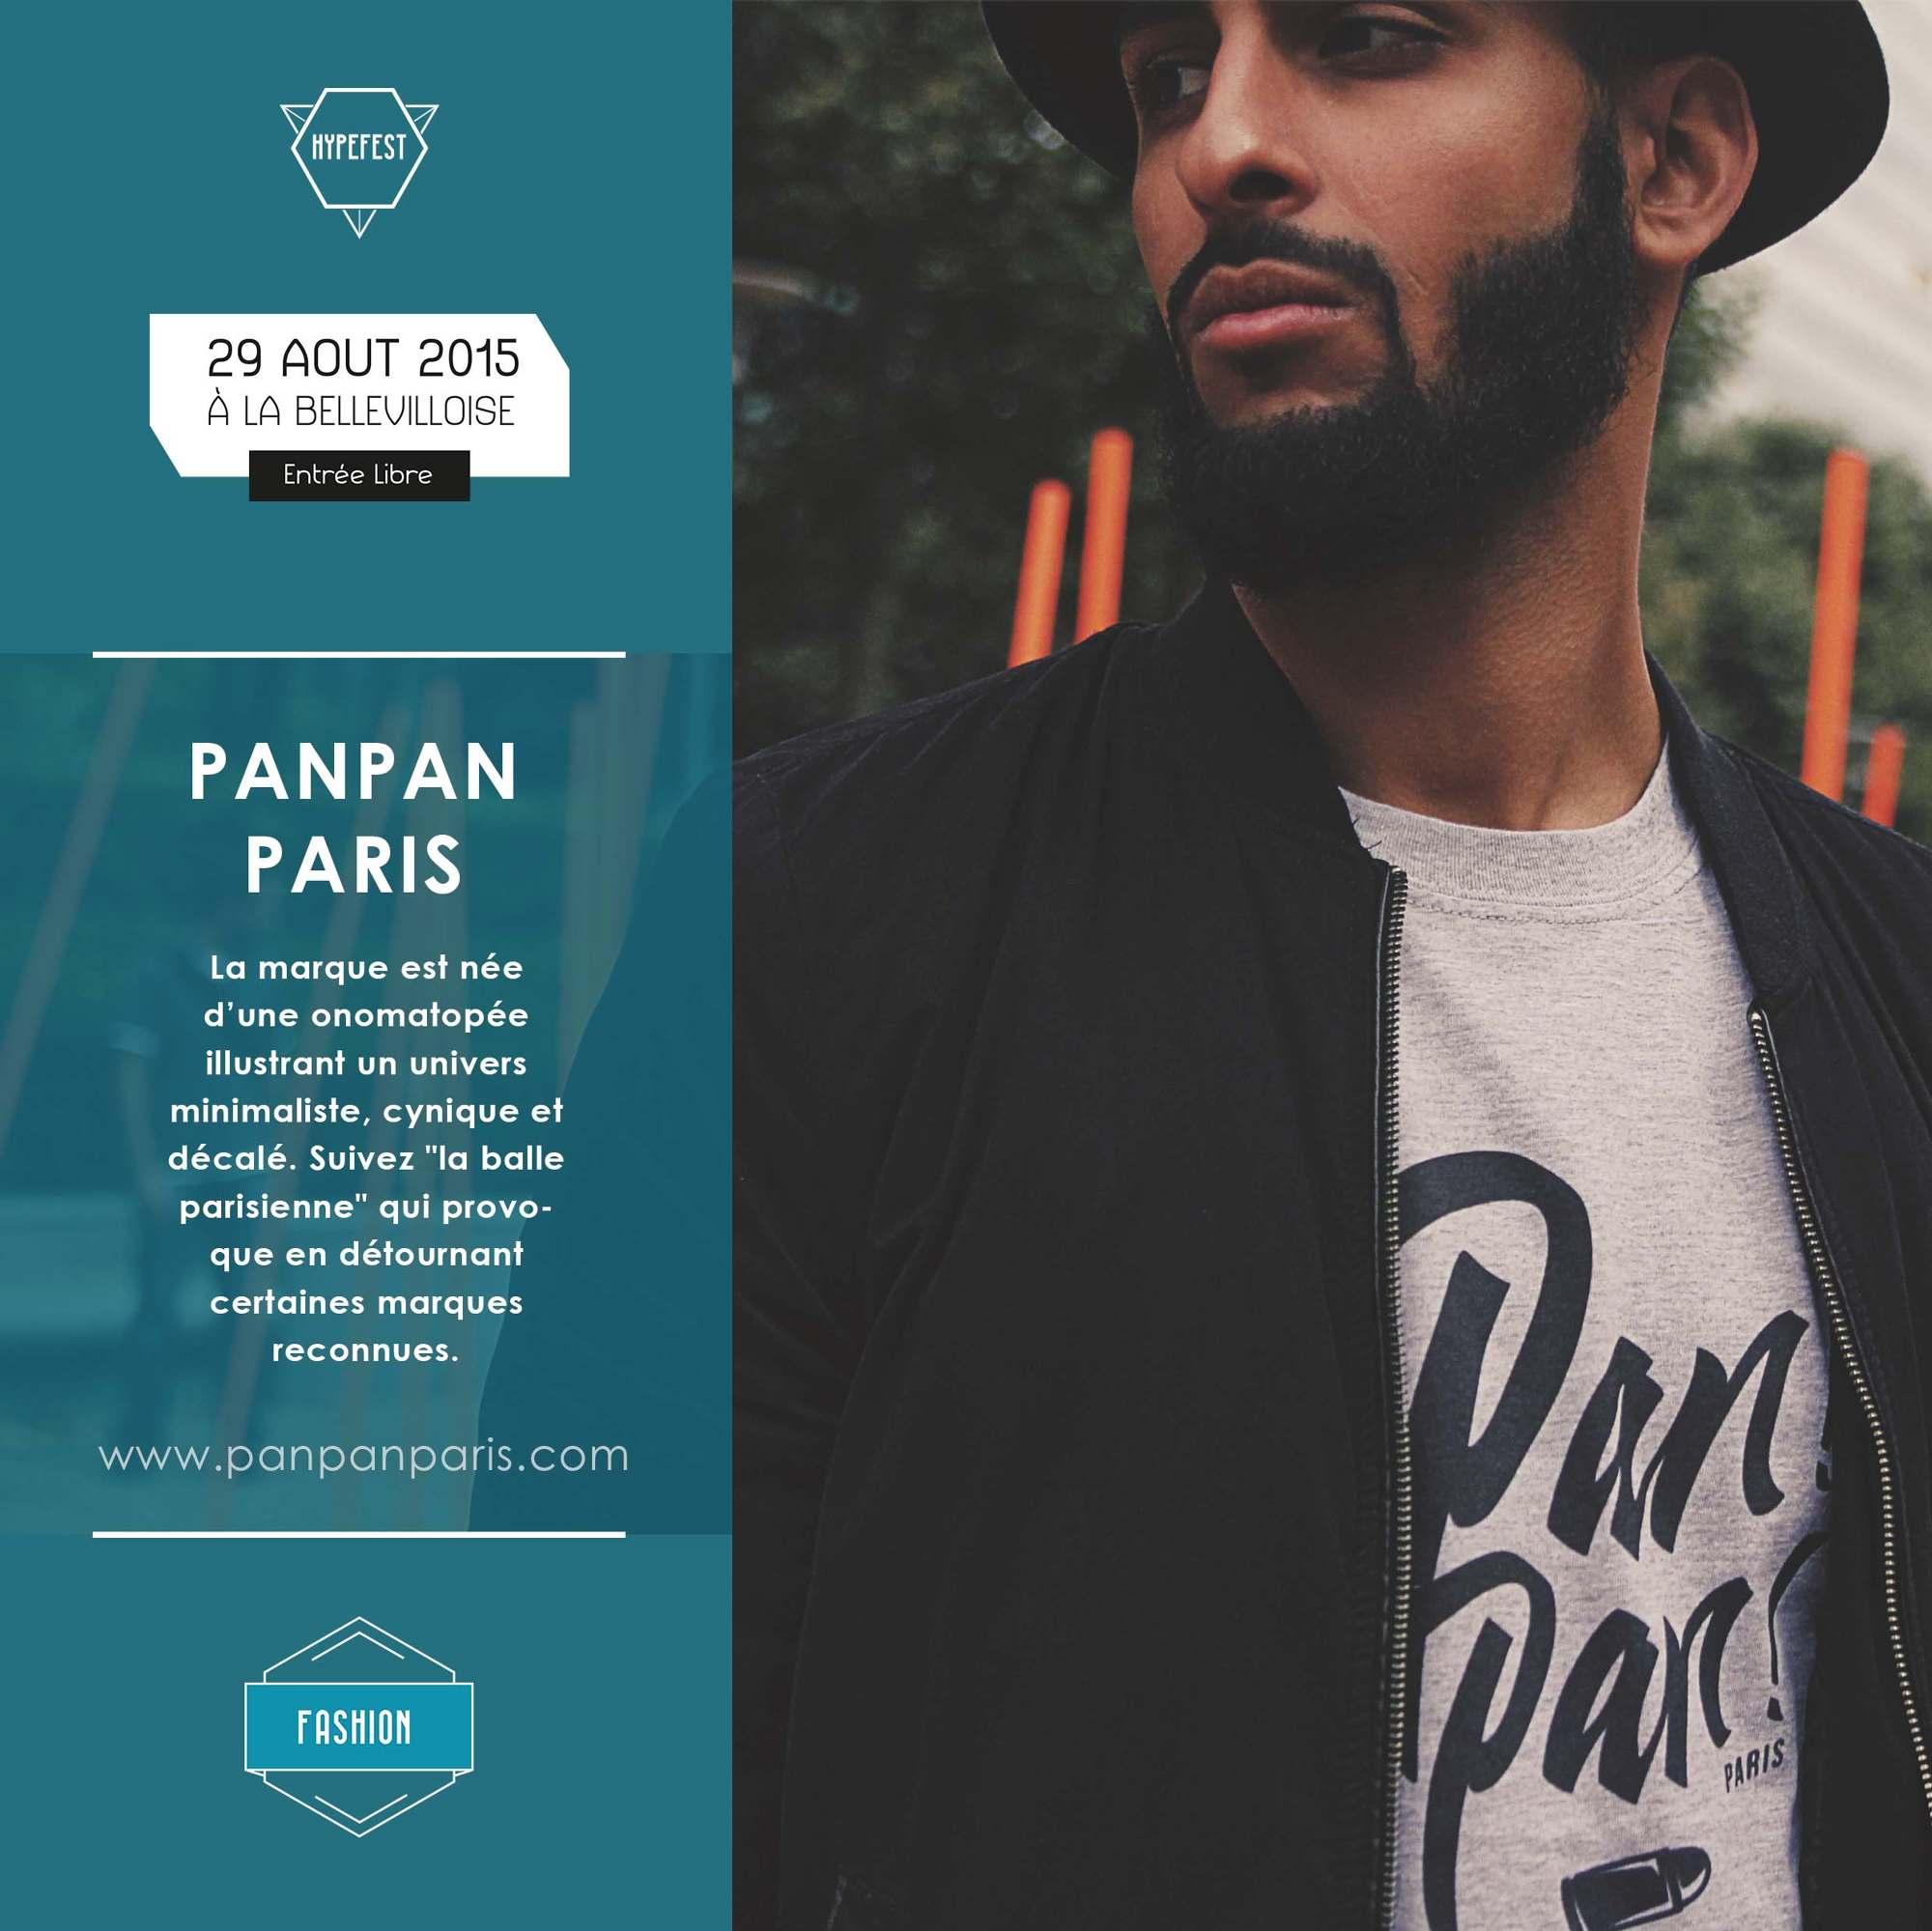 panpan-paris_2000_c